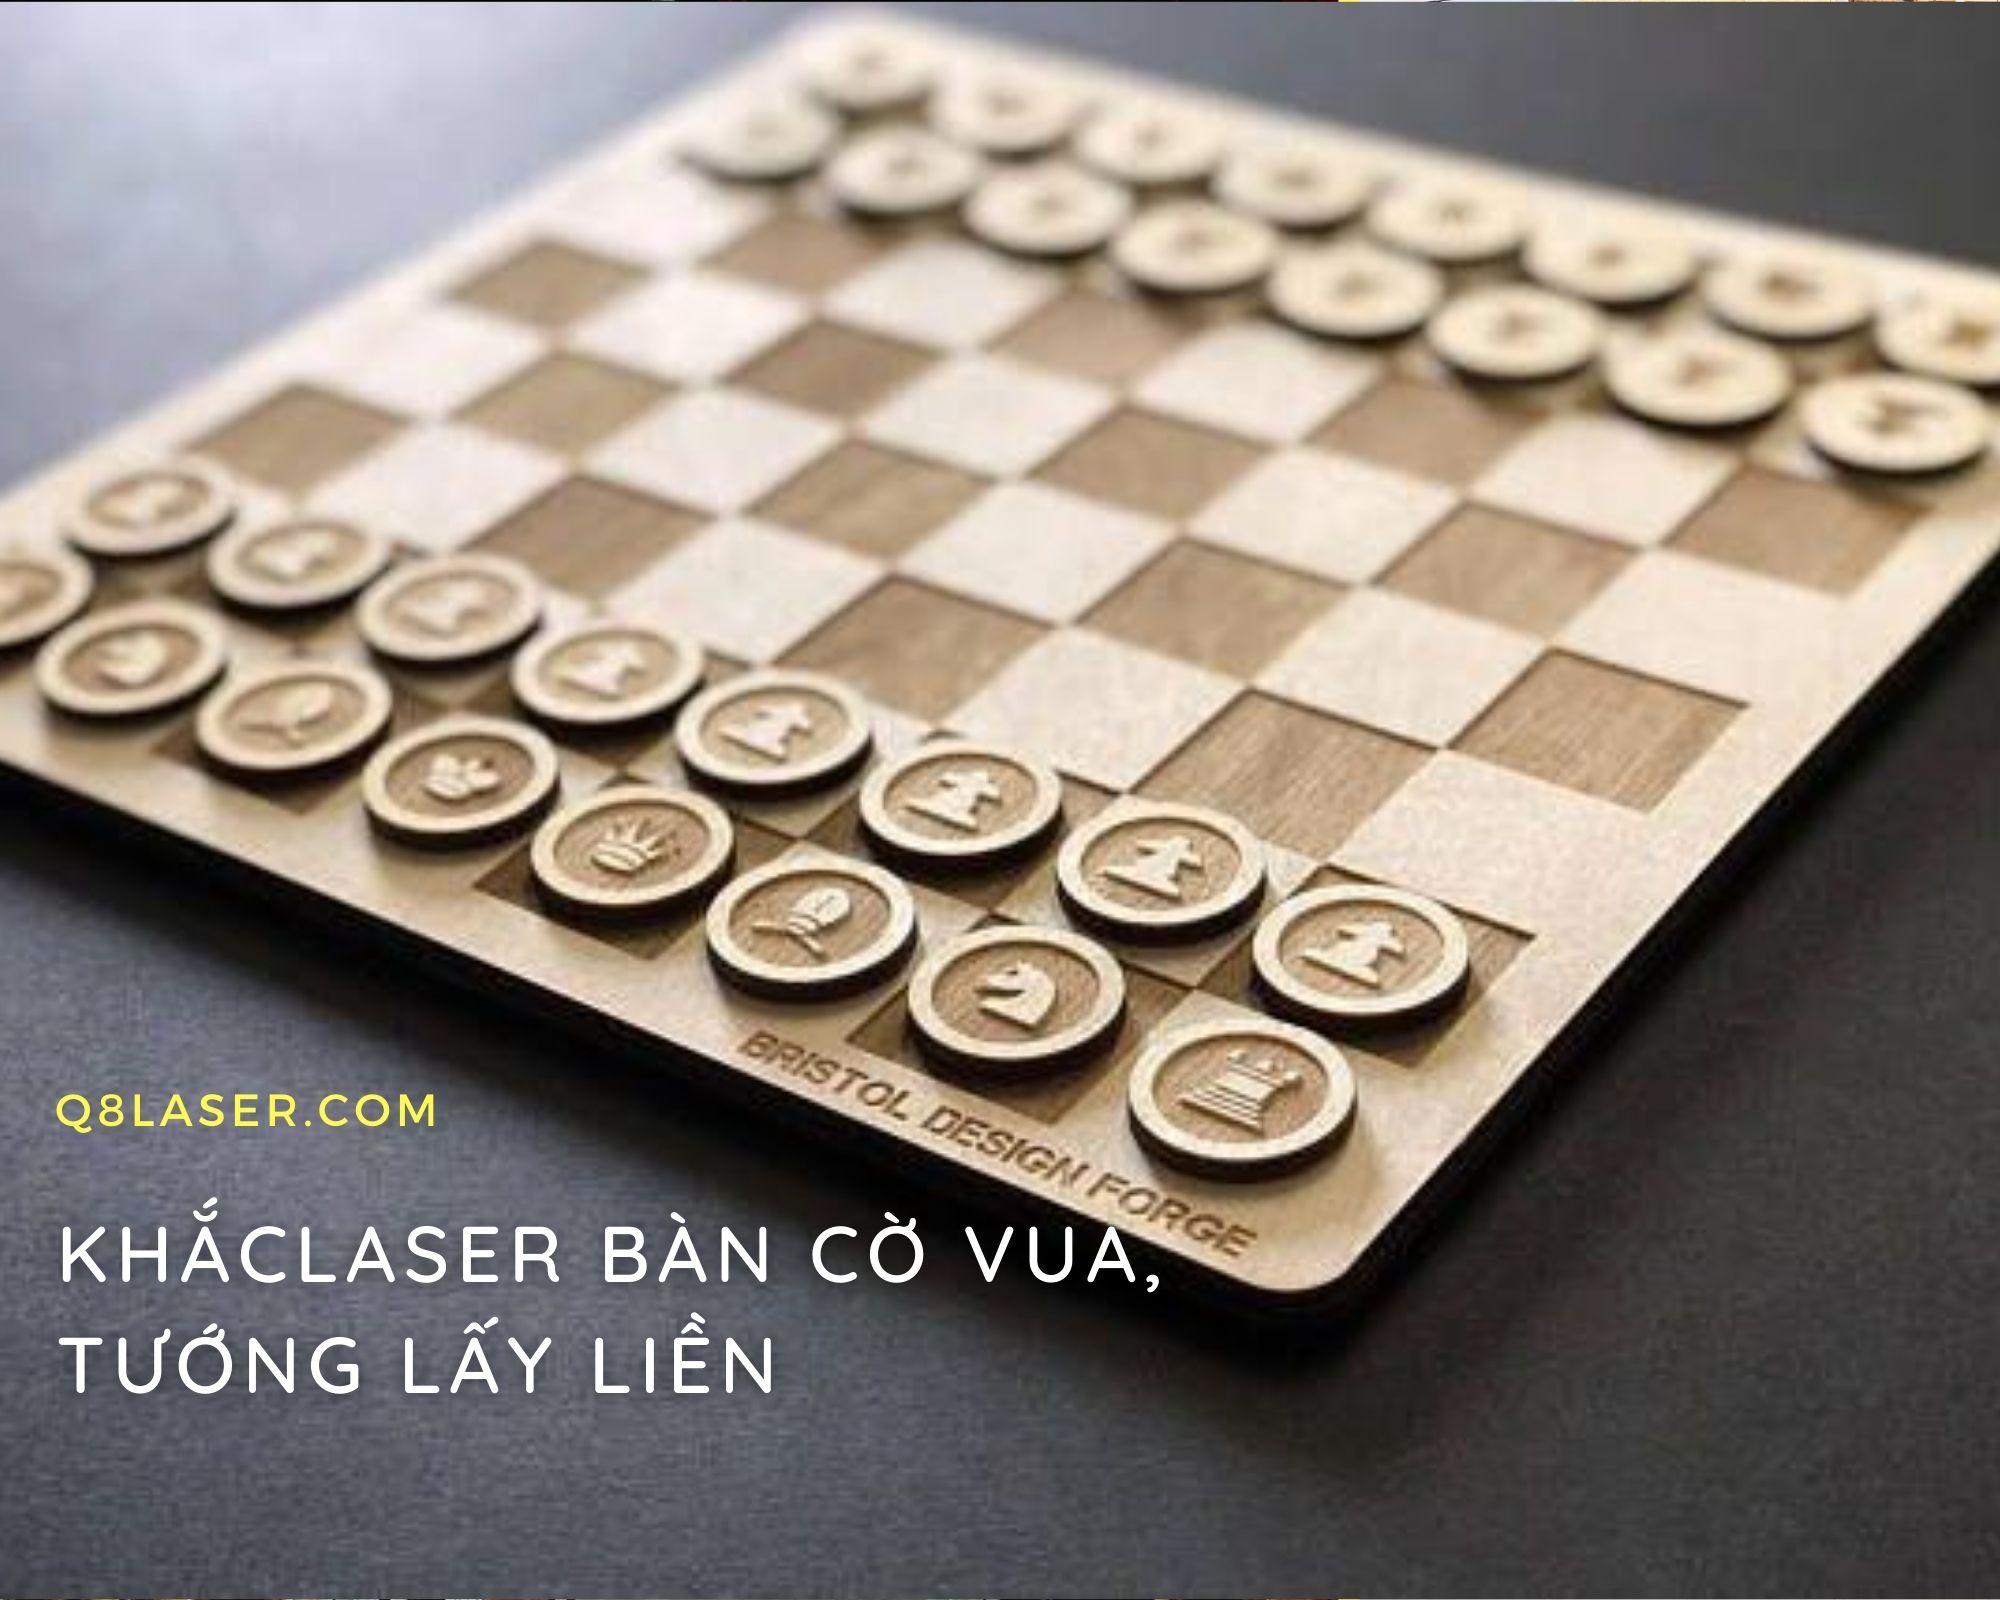 q8laser.com (2)